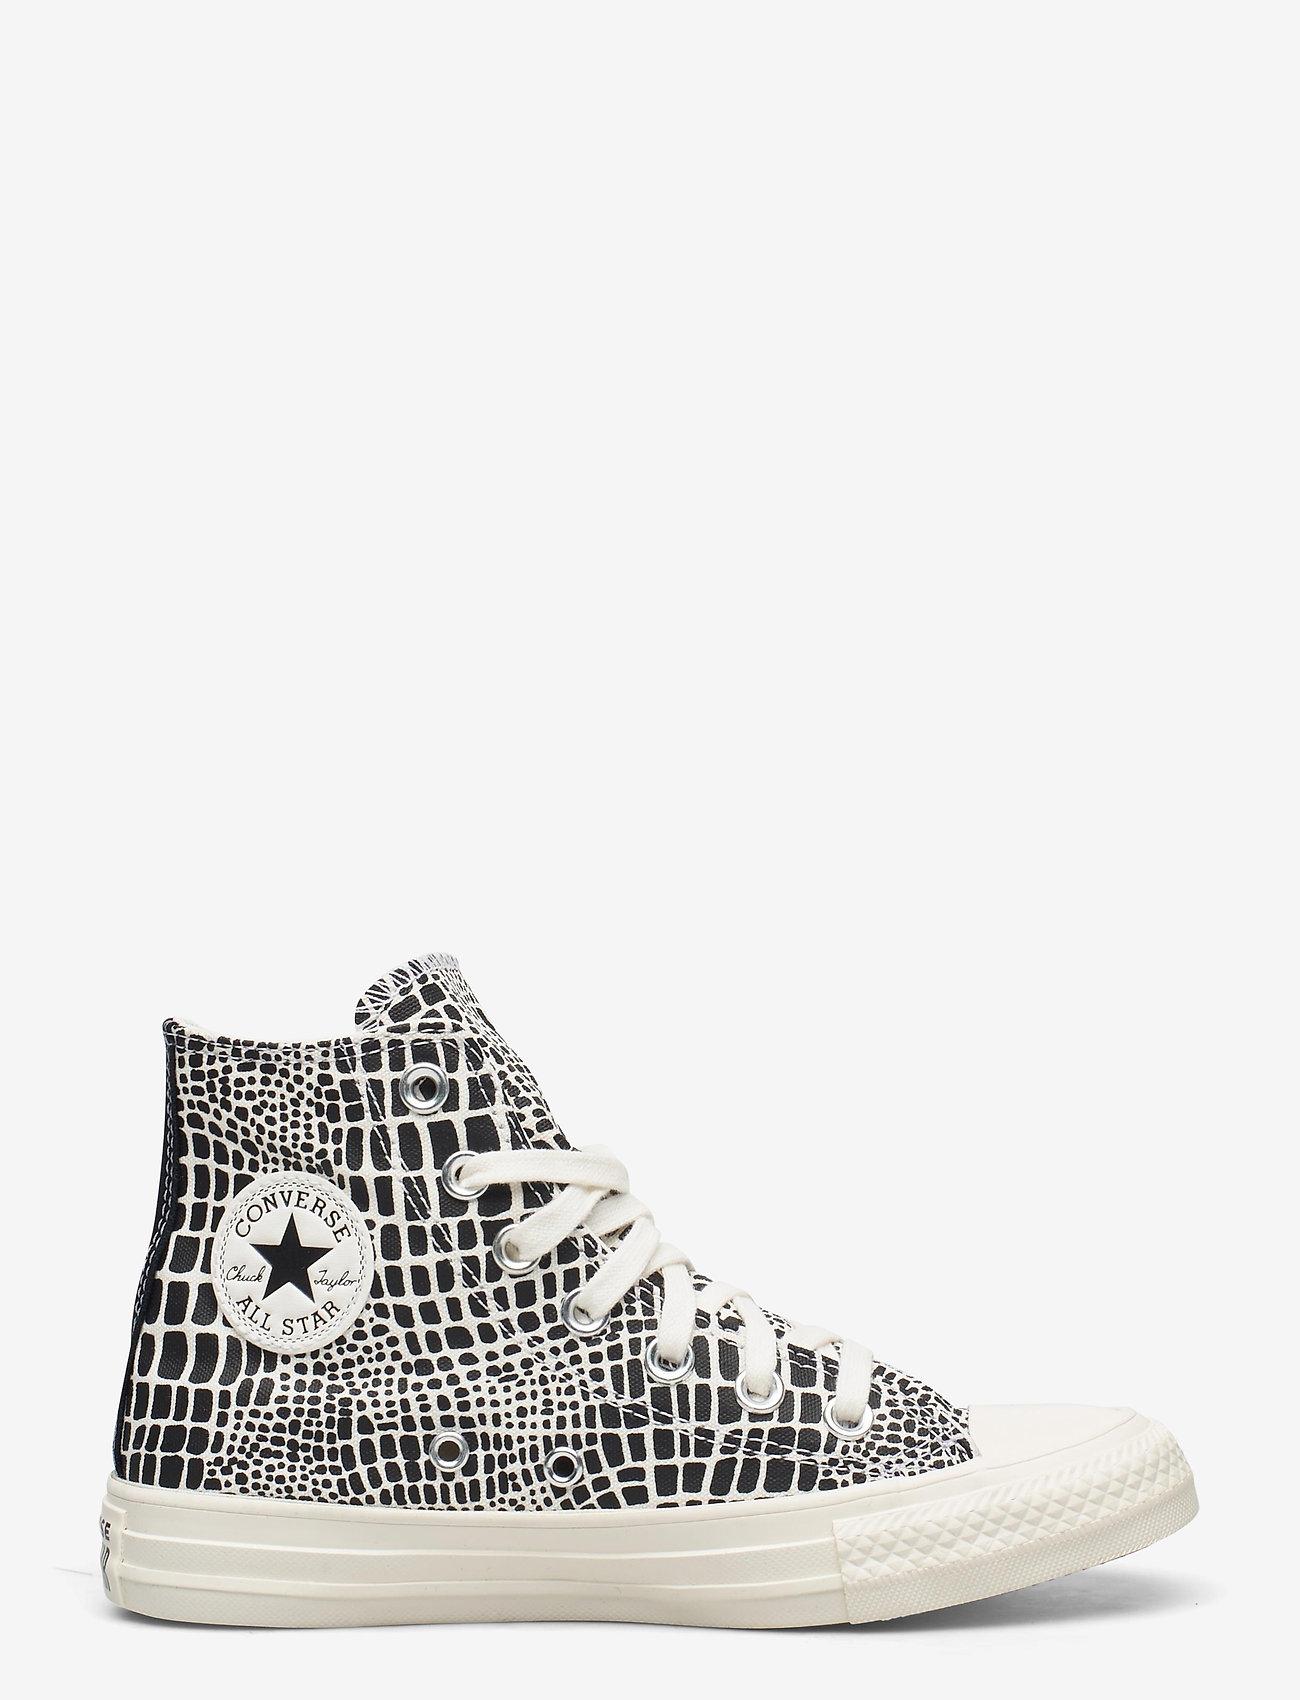 Converse - CTAS HI EGRET/BLACK/EGRET - hoge sneakers - egret/black/egret - 1